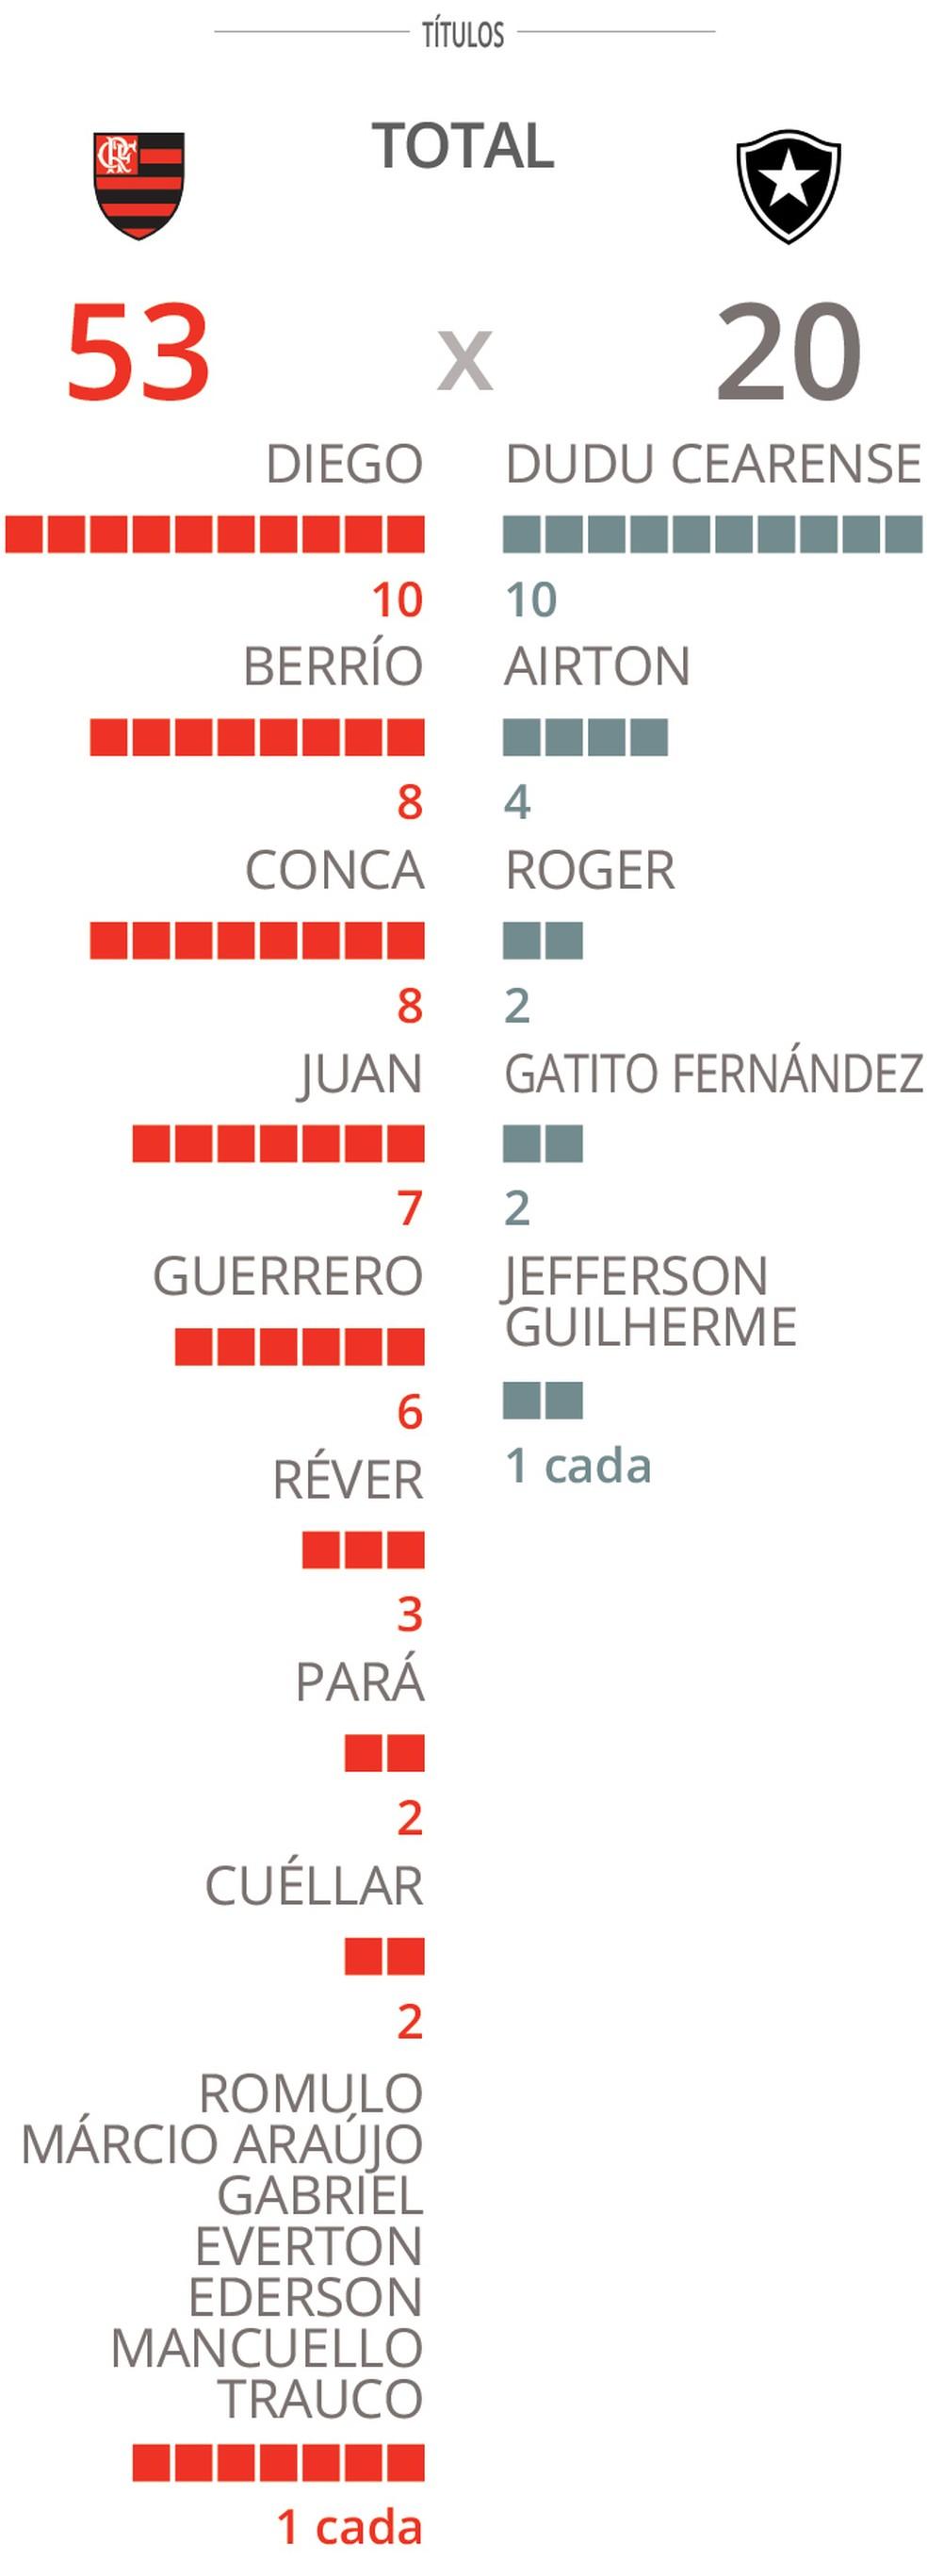 Resultado final da análise dos currículos: Flamengo 53 x 20 Botafogo (Foto: GloboEsporte.com)